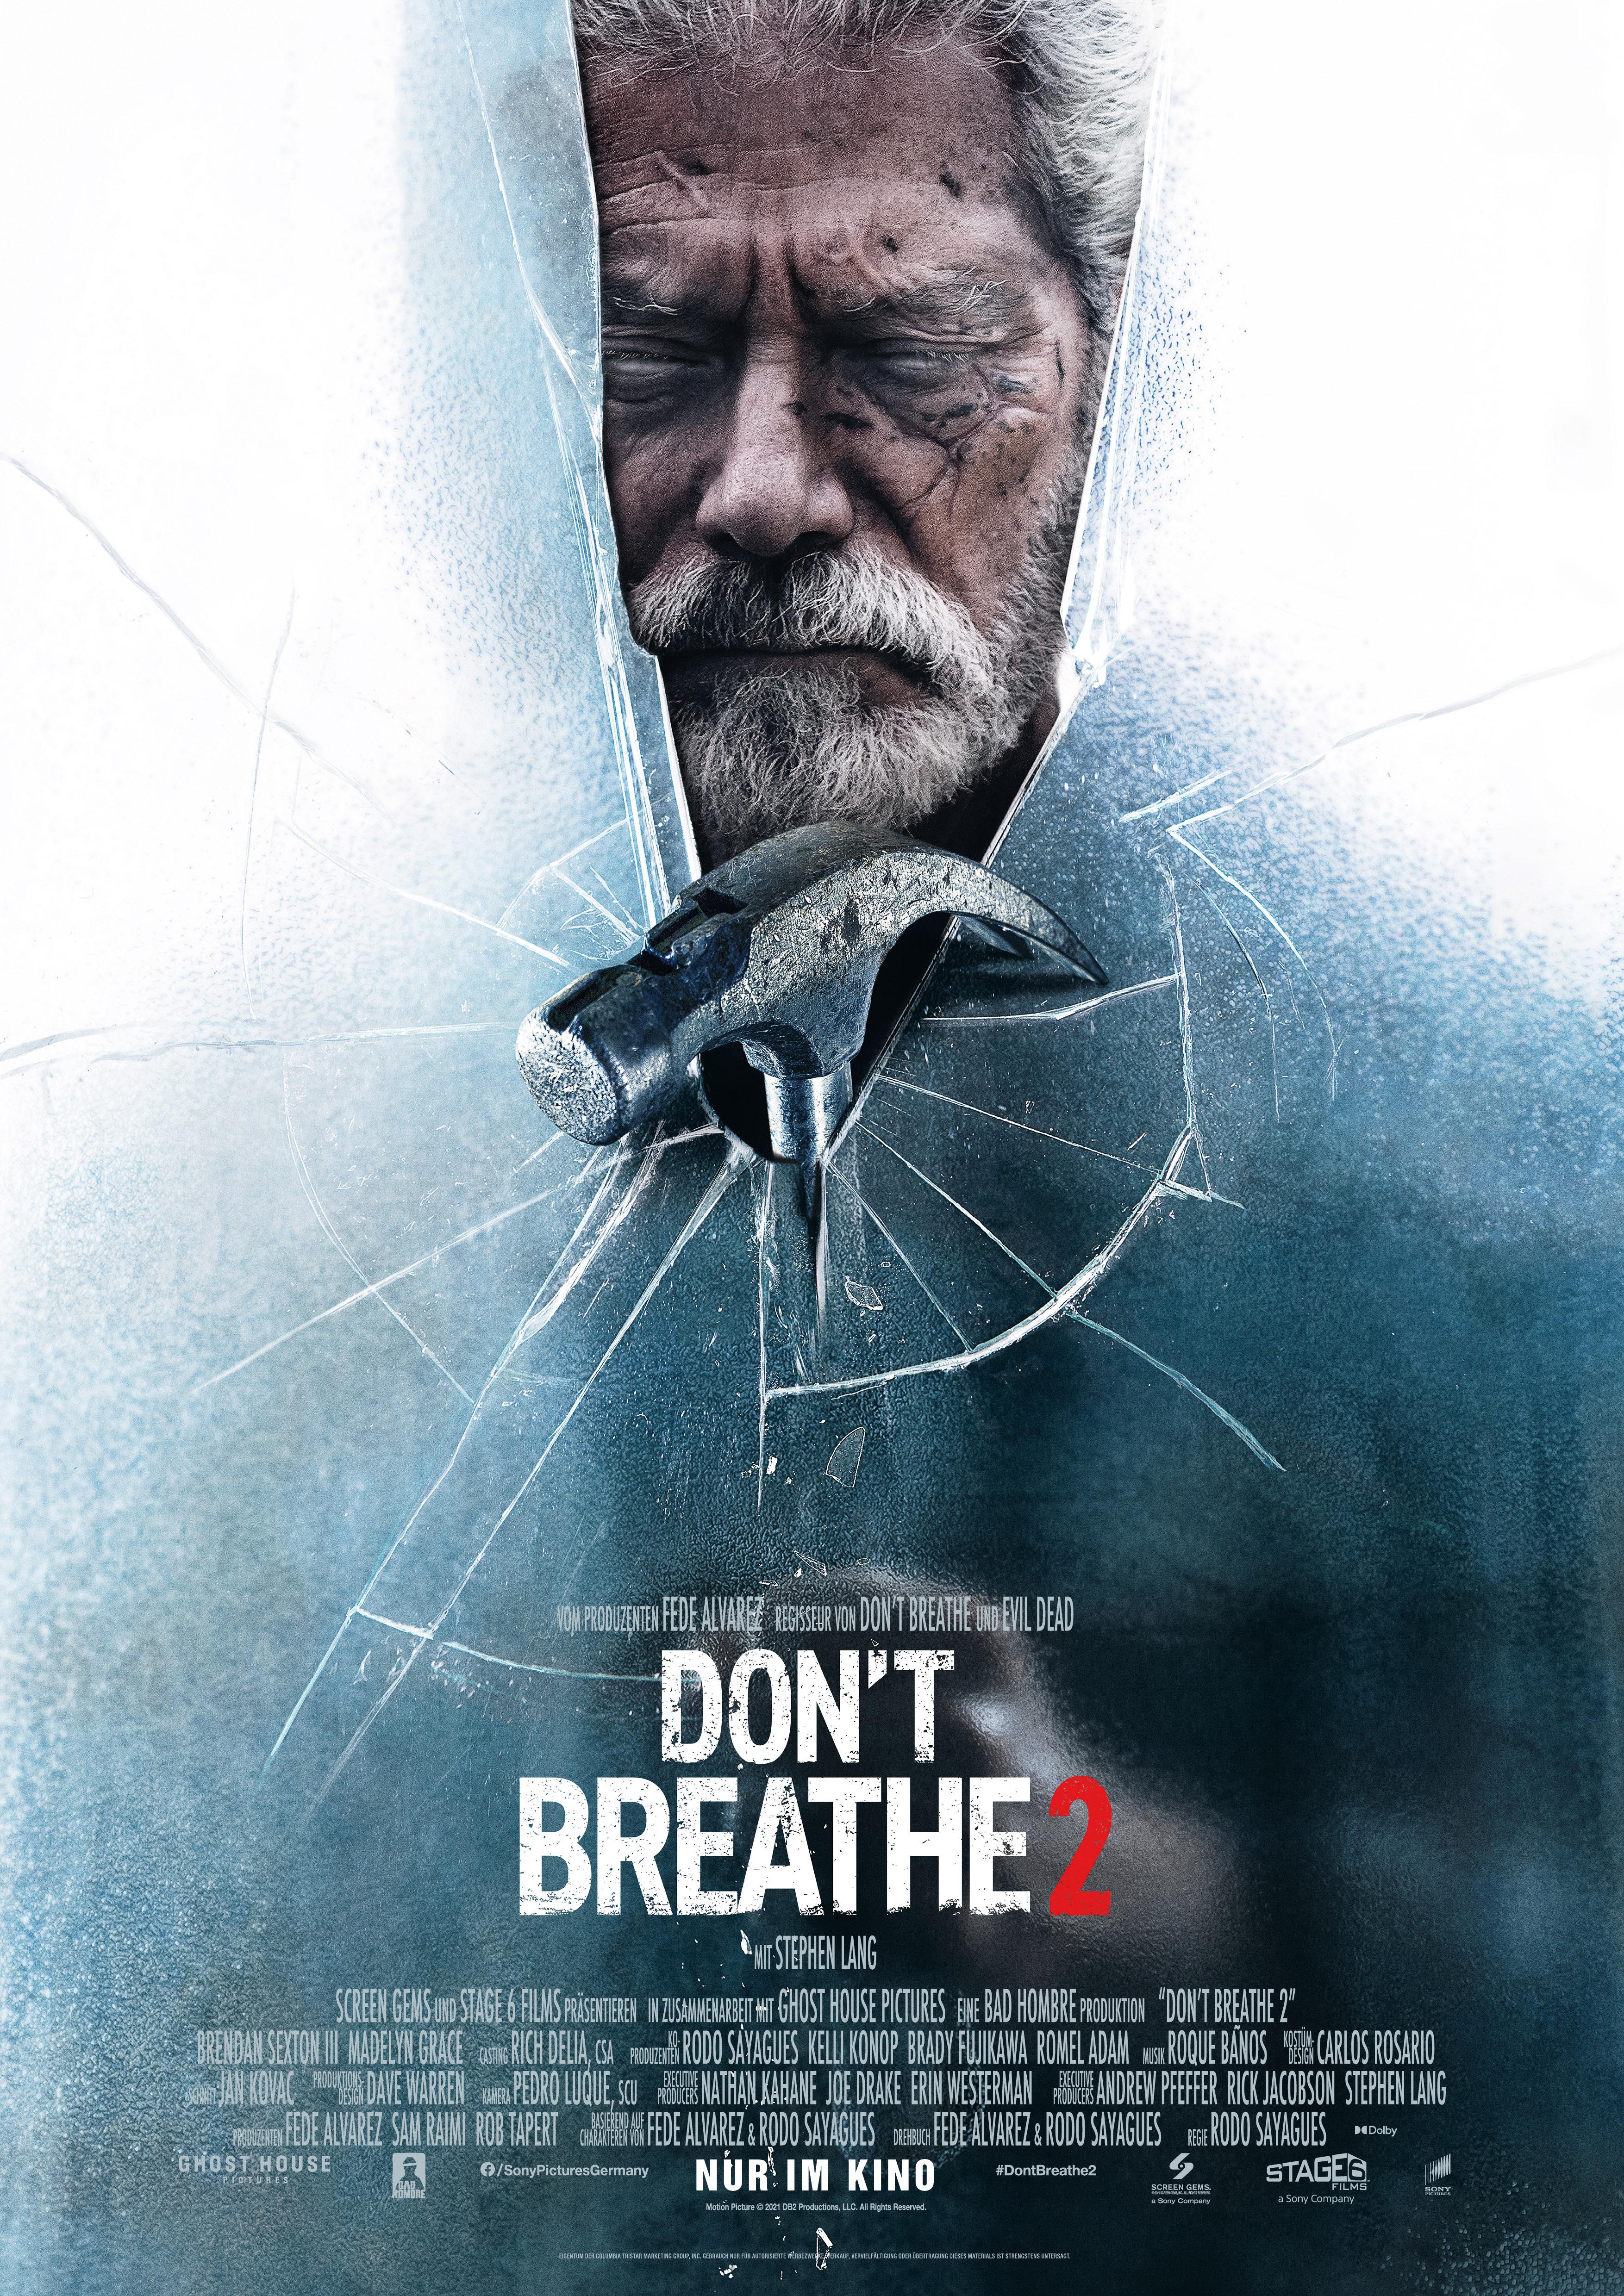 DONT+BREATHE+2_Hauptplakat_A3_300dpi